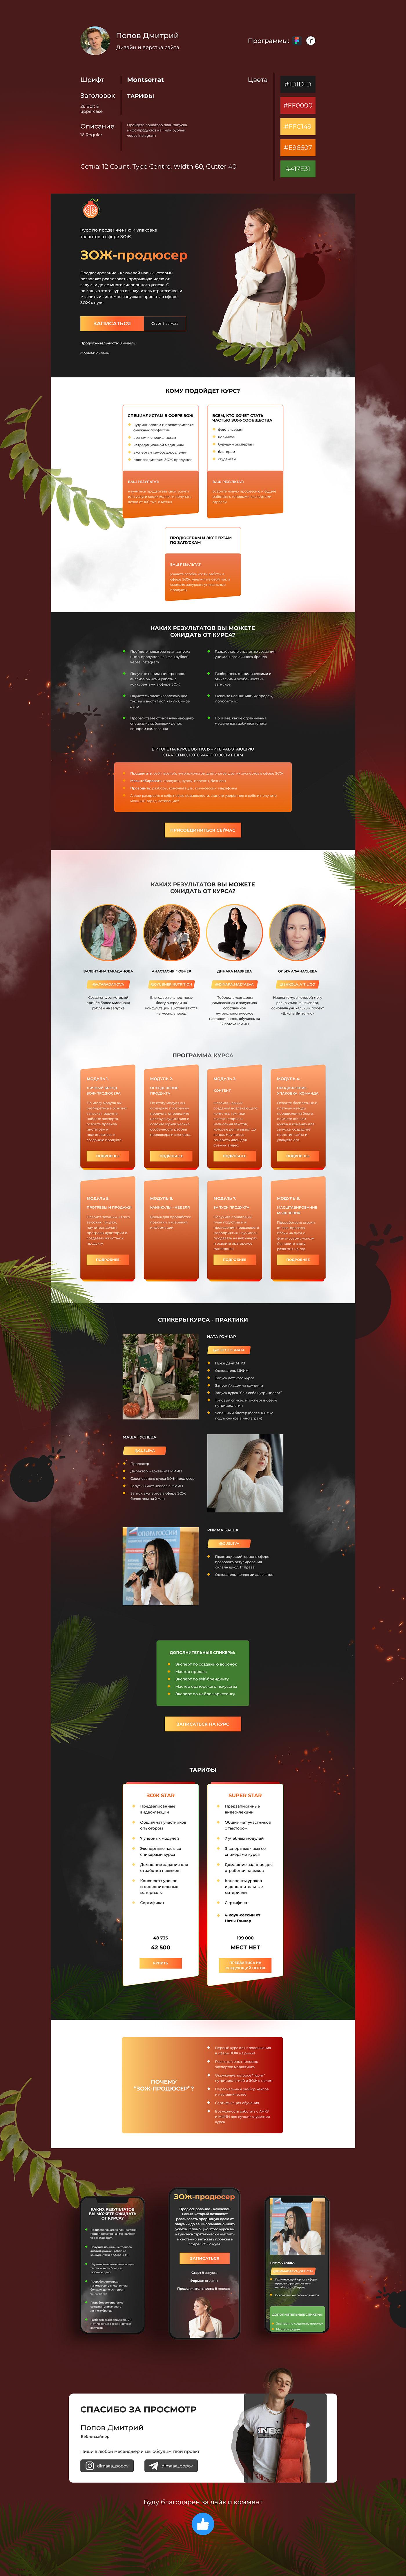 landing page online kurs Web Design  Website блогер Инфобизнес курс лендинг онлайн курс продюсер